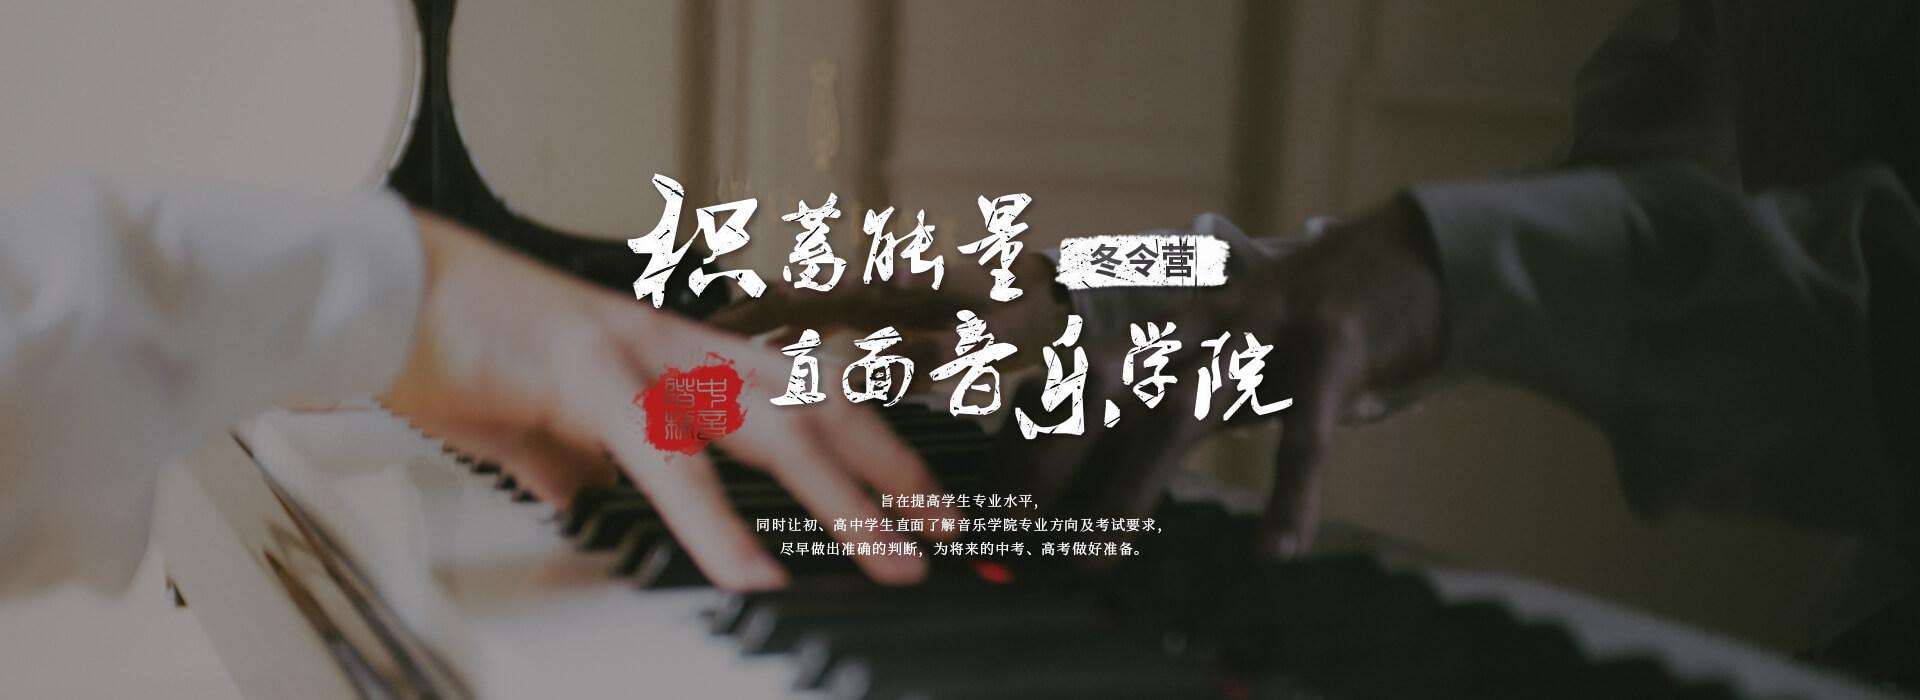 聲樂藝考培訓